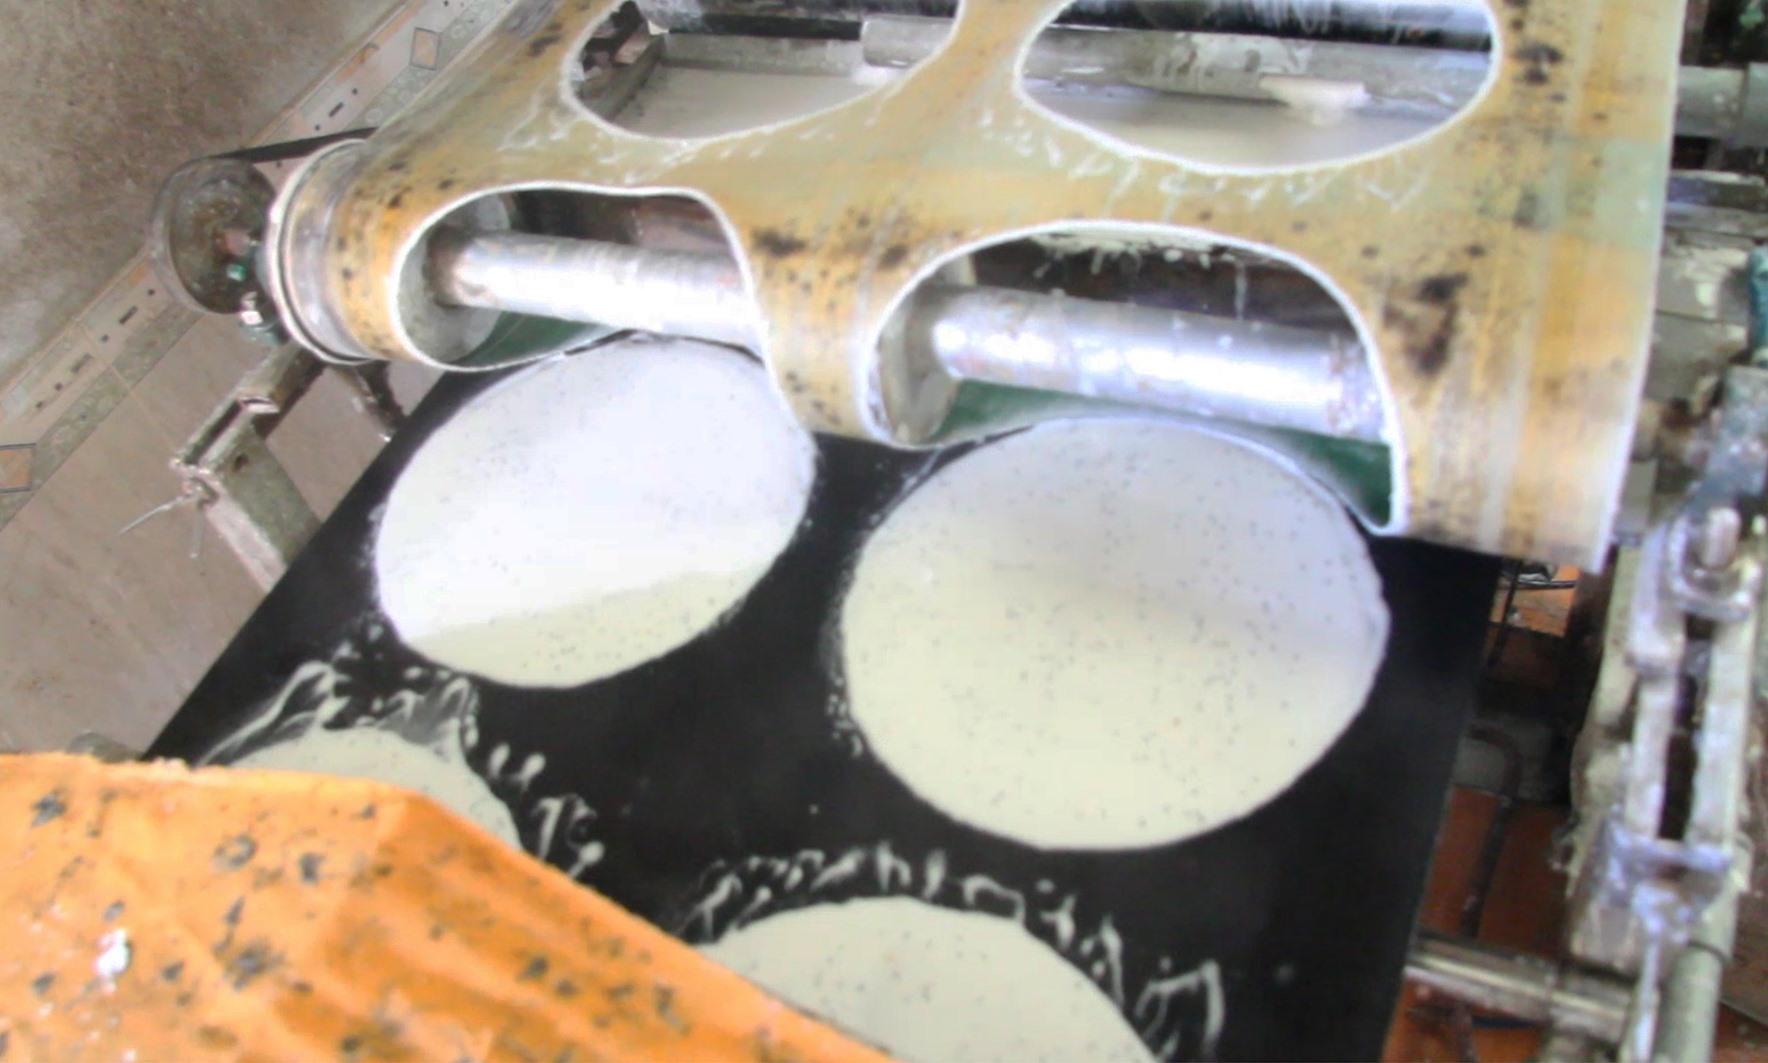 Chiếc bánh được tráng được cắt ra từ một khâu tự động do máy móc đảm nhiệm